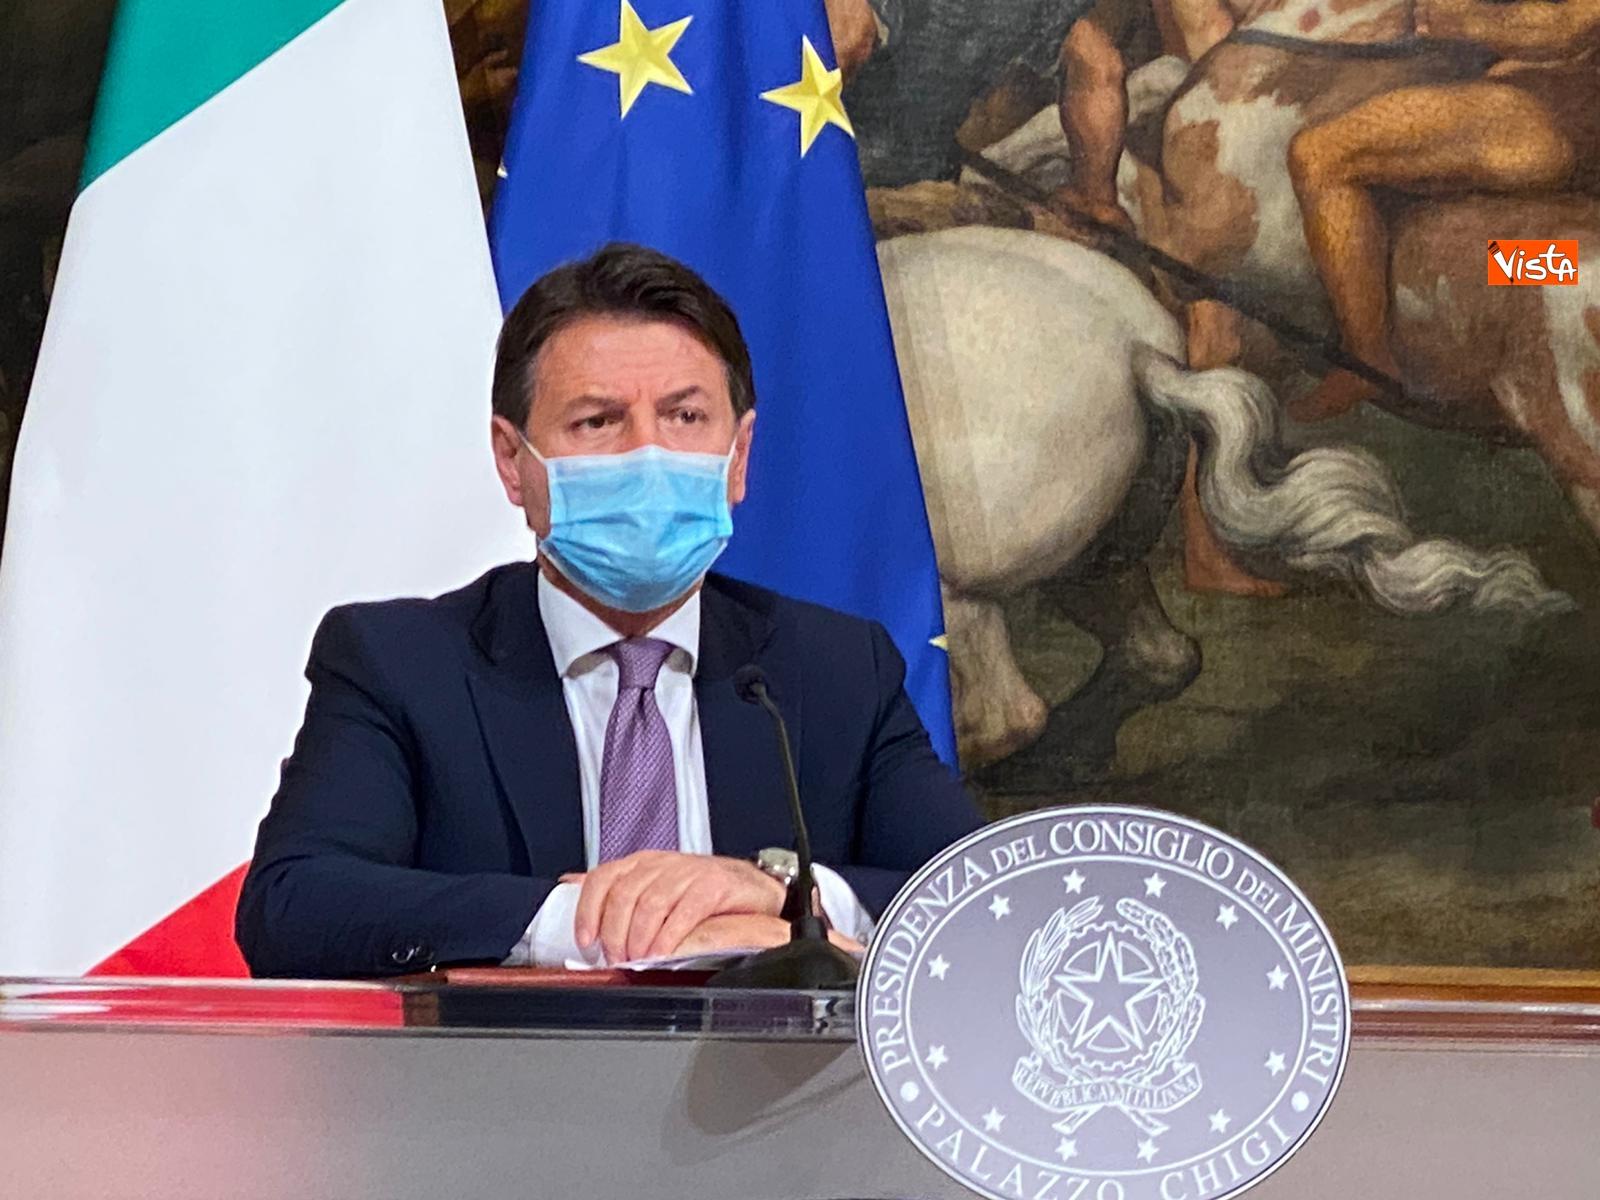 Dl ristori Conte Gualtieri e Patuanelli in conferenza stampa a Palazzo Chigi_08